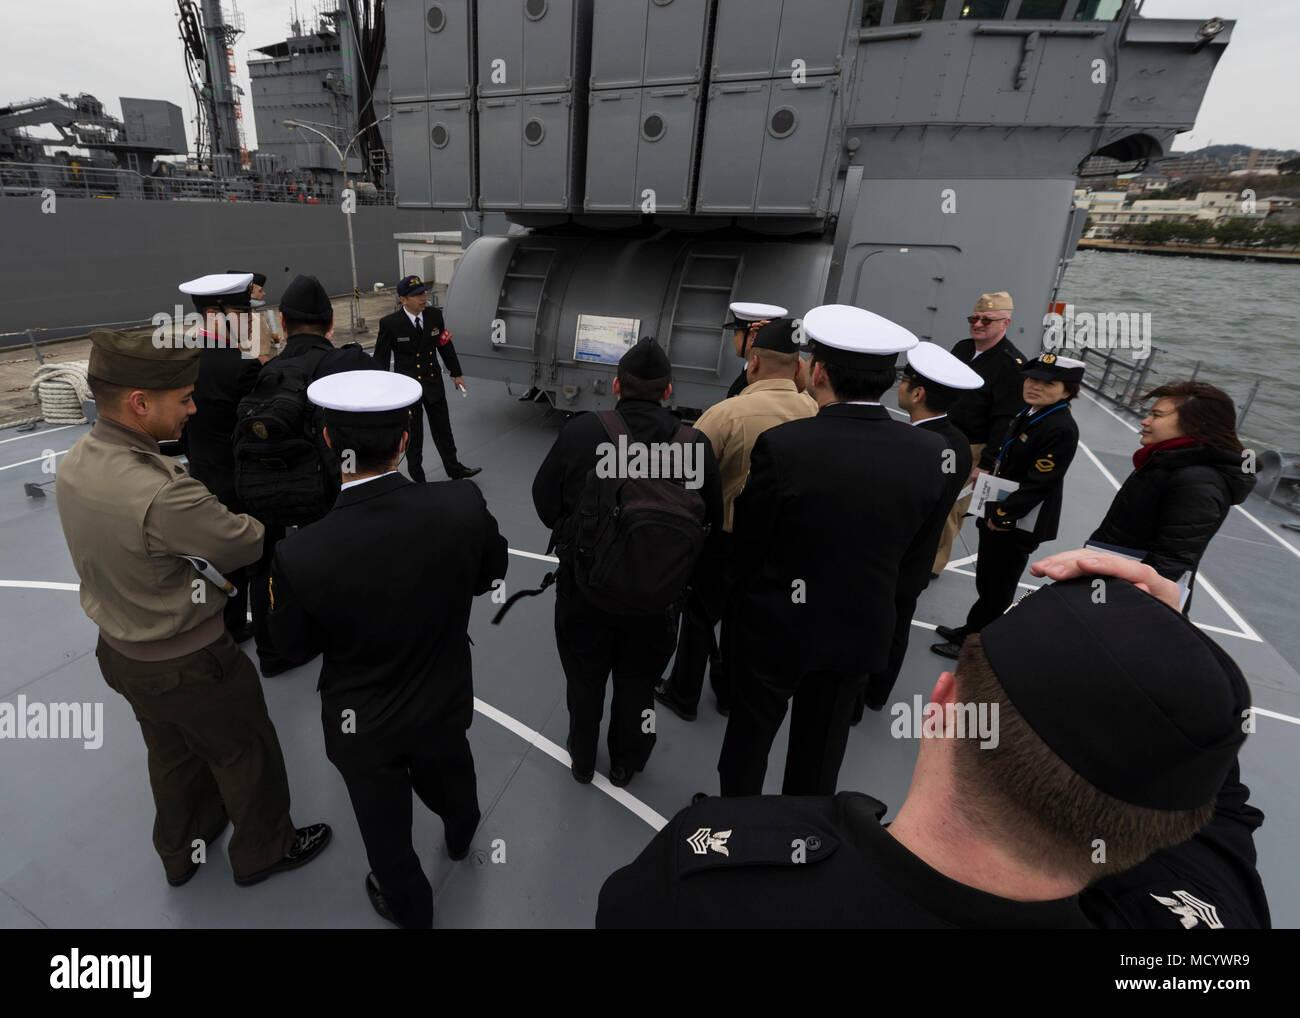 180307-N-LG762-038 Yokosuka, Japón (Mar. 7, 2018), los participantes del continuum de Liderazgo para Suboficiales bilaterales tour la fuerza de autodefensa marítima de Japón (JMSDF) buque JS Yuugiri (DD 153). El continuo es un evento de capacitación enfocada en el desarrollo de peer-to-peer, la intervención de apoyo, habilidades y técnicas de liderazgo compartido entre las Fuerzas Armadas de los Estados Unidos y la JMSDF. (Ee.Uu. Navy photo by Mass Communication Specialist 2nd Class Zhiwei tan/liberado) Imagen De Stock